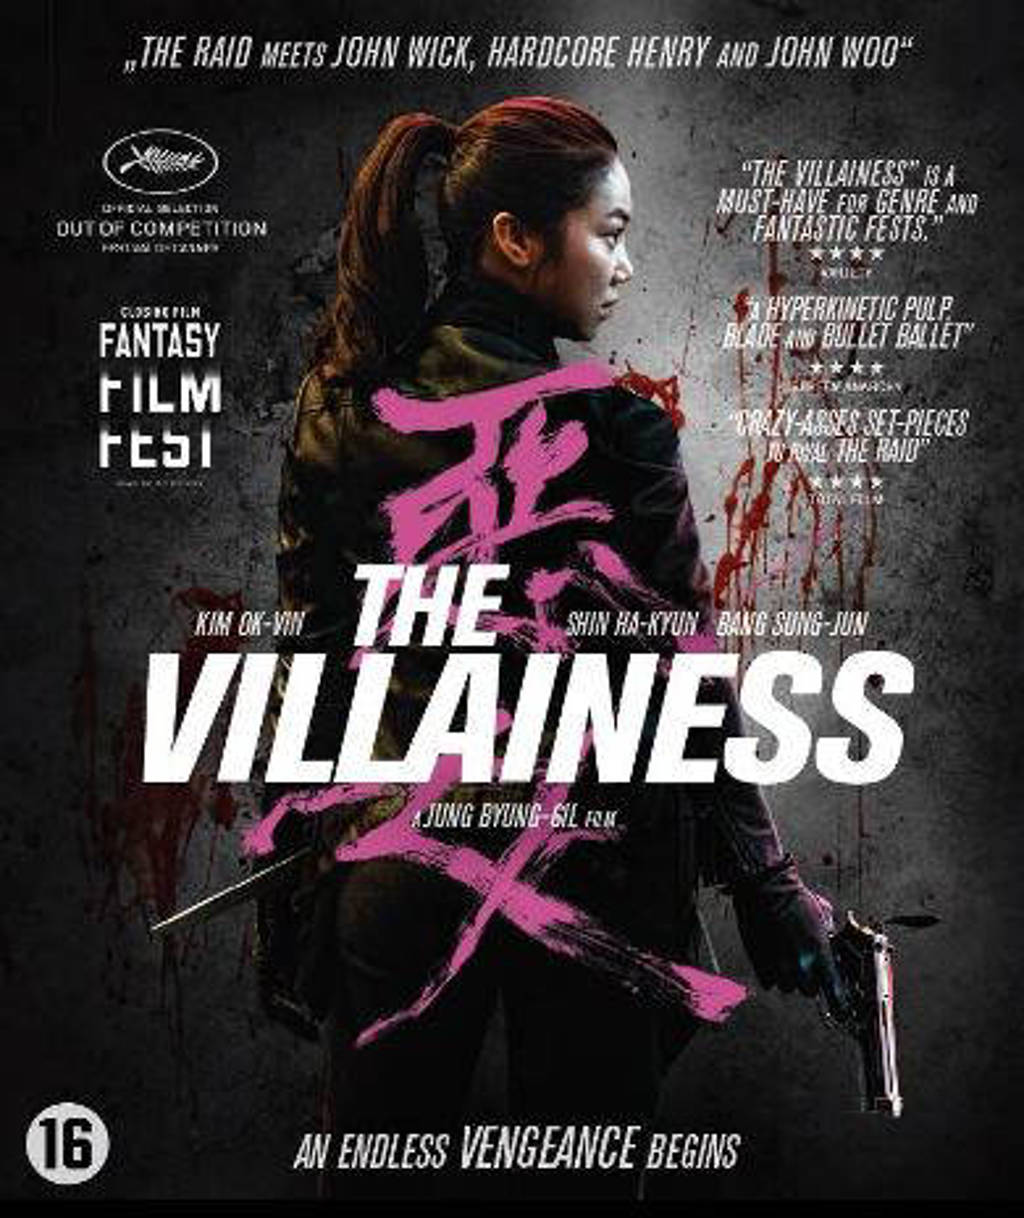 Villainess (Blu-ray)